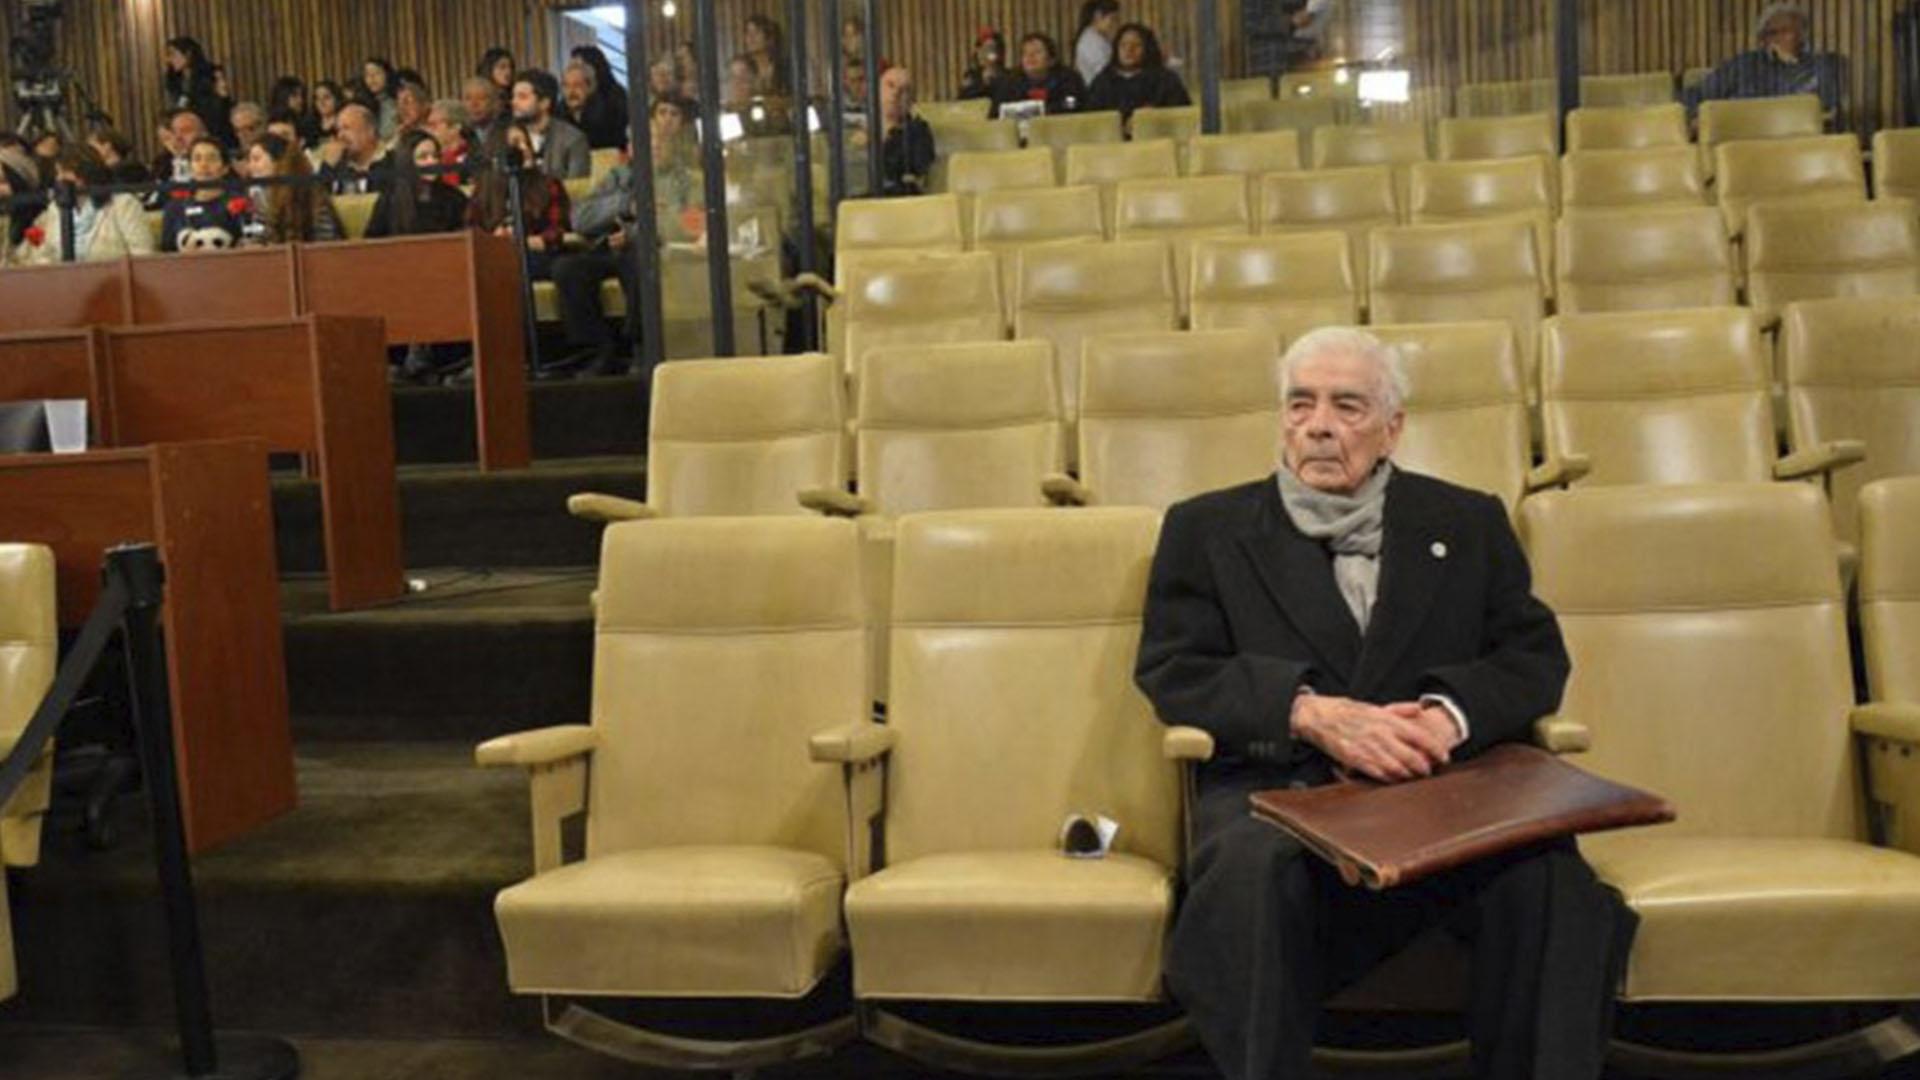 Menéndez durante el juicio por crímenes de lesa humanidad en los Tribunales de Córdoba